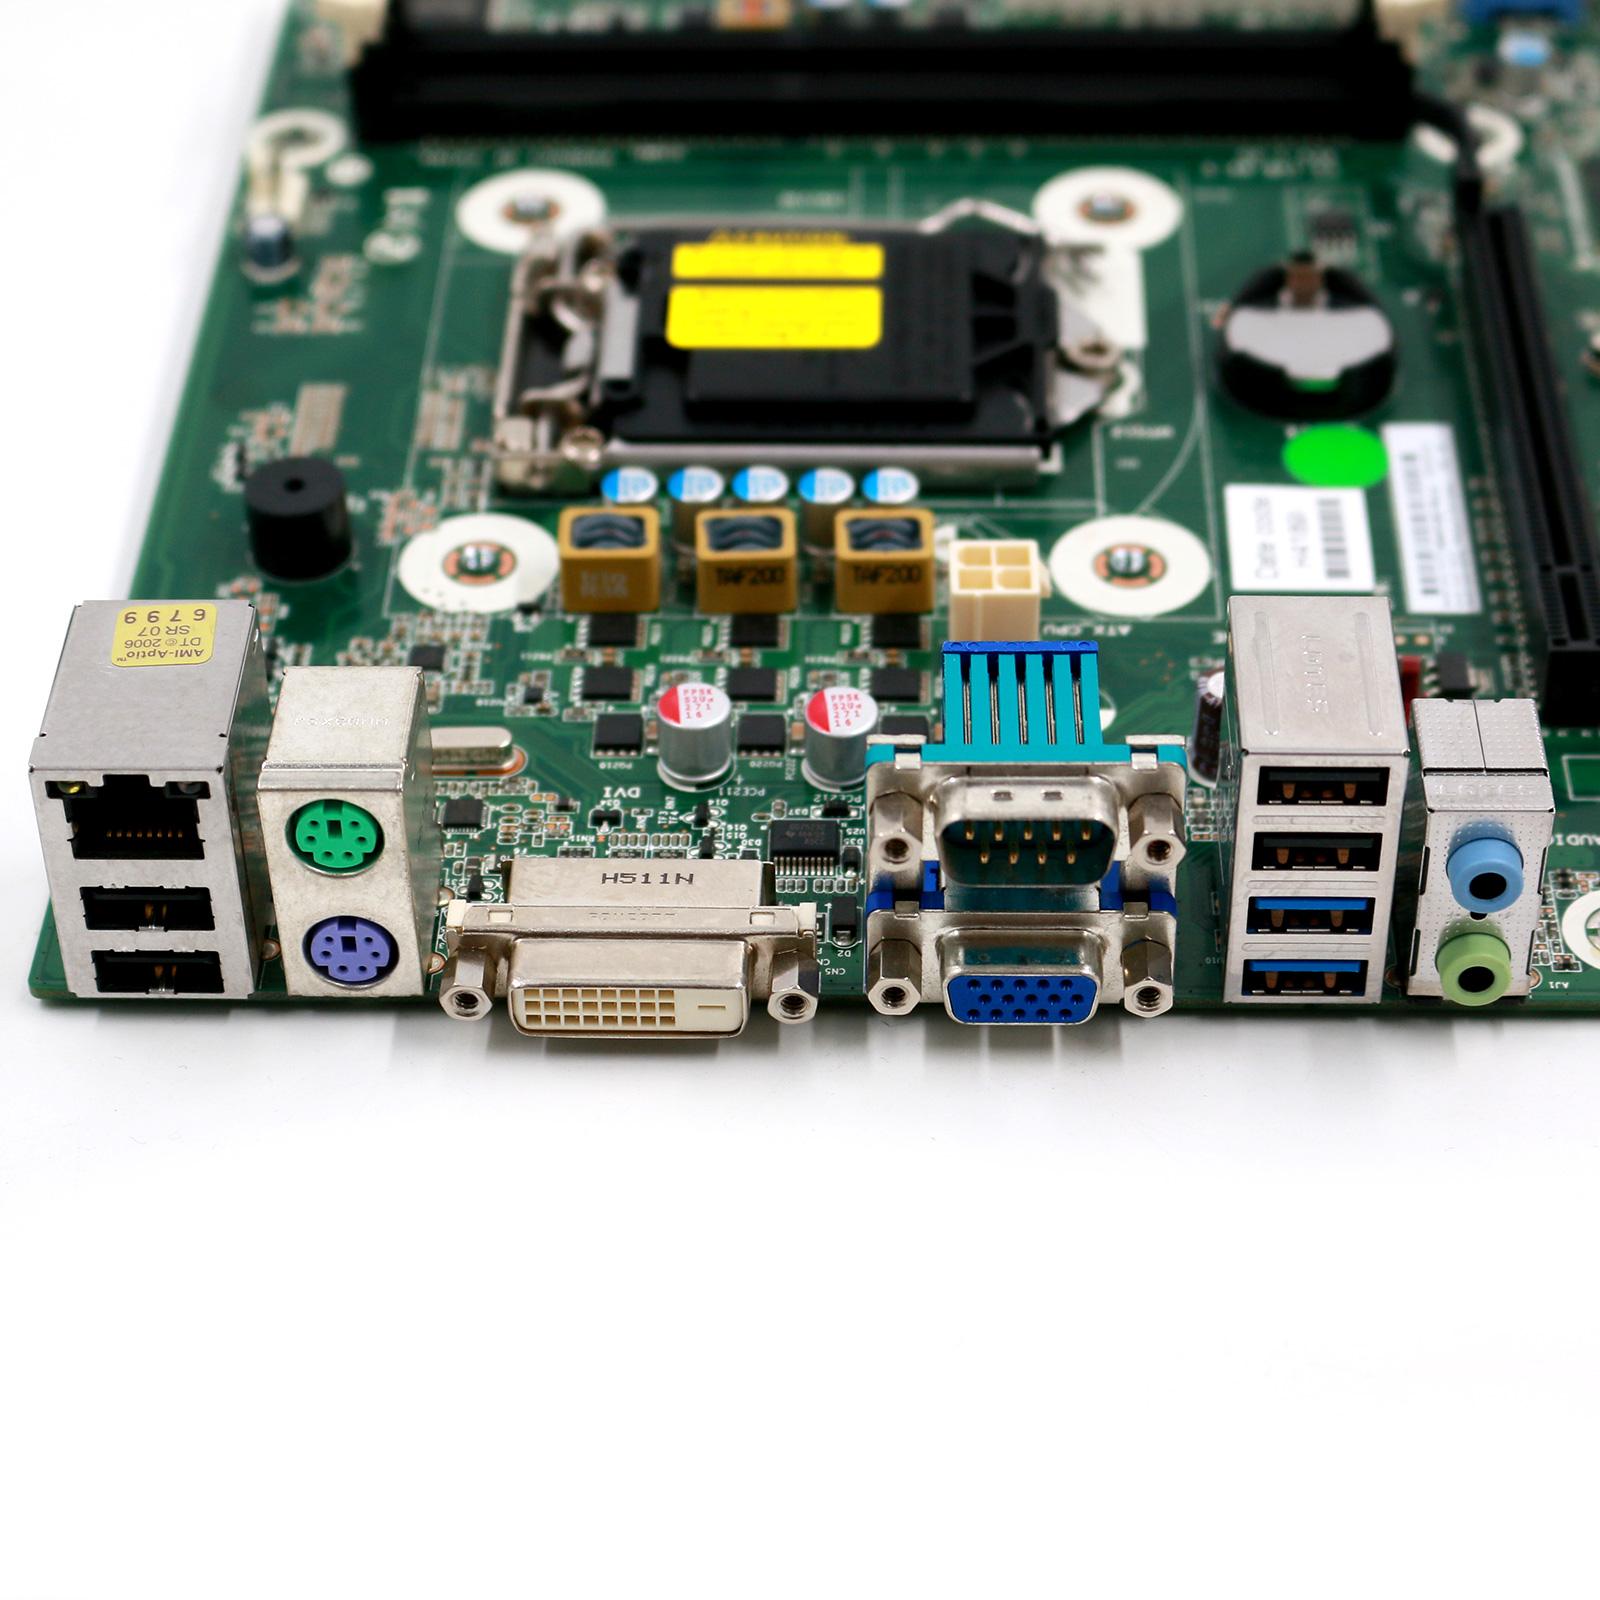 HQ 118023/HQ4/Fluxx Kite 1.8